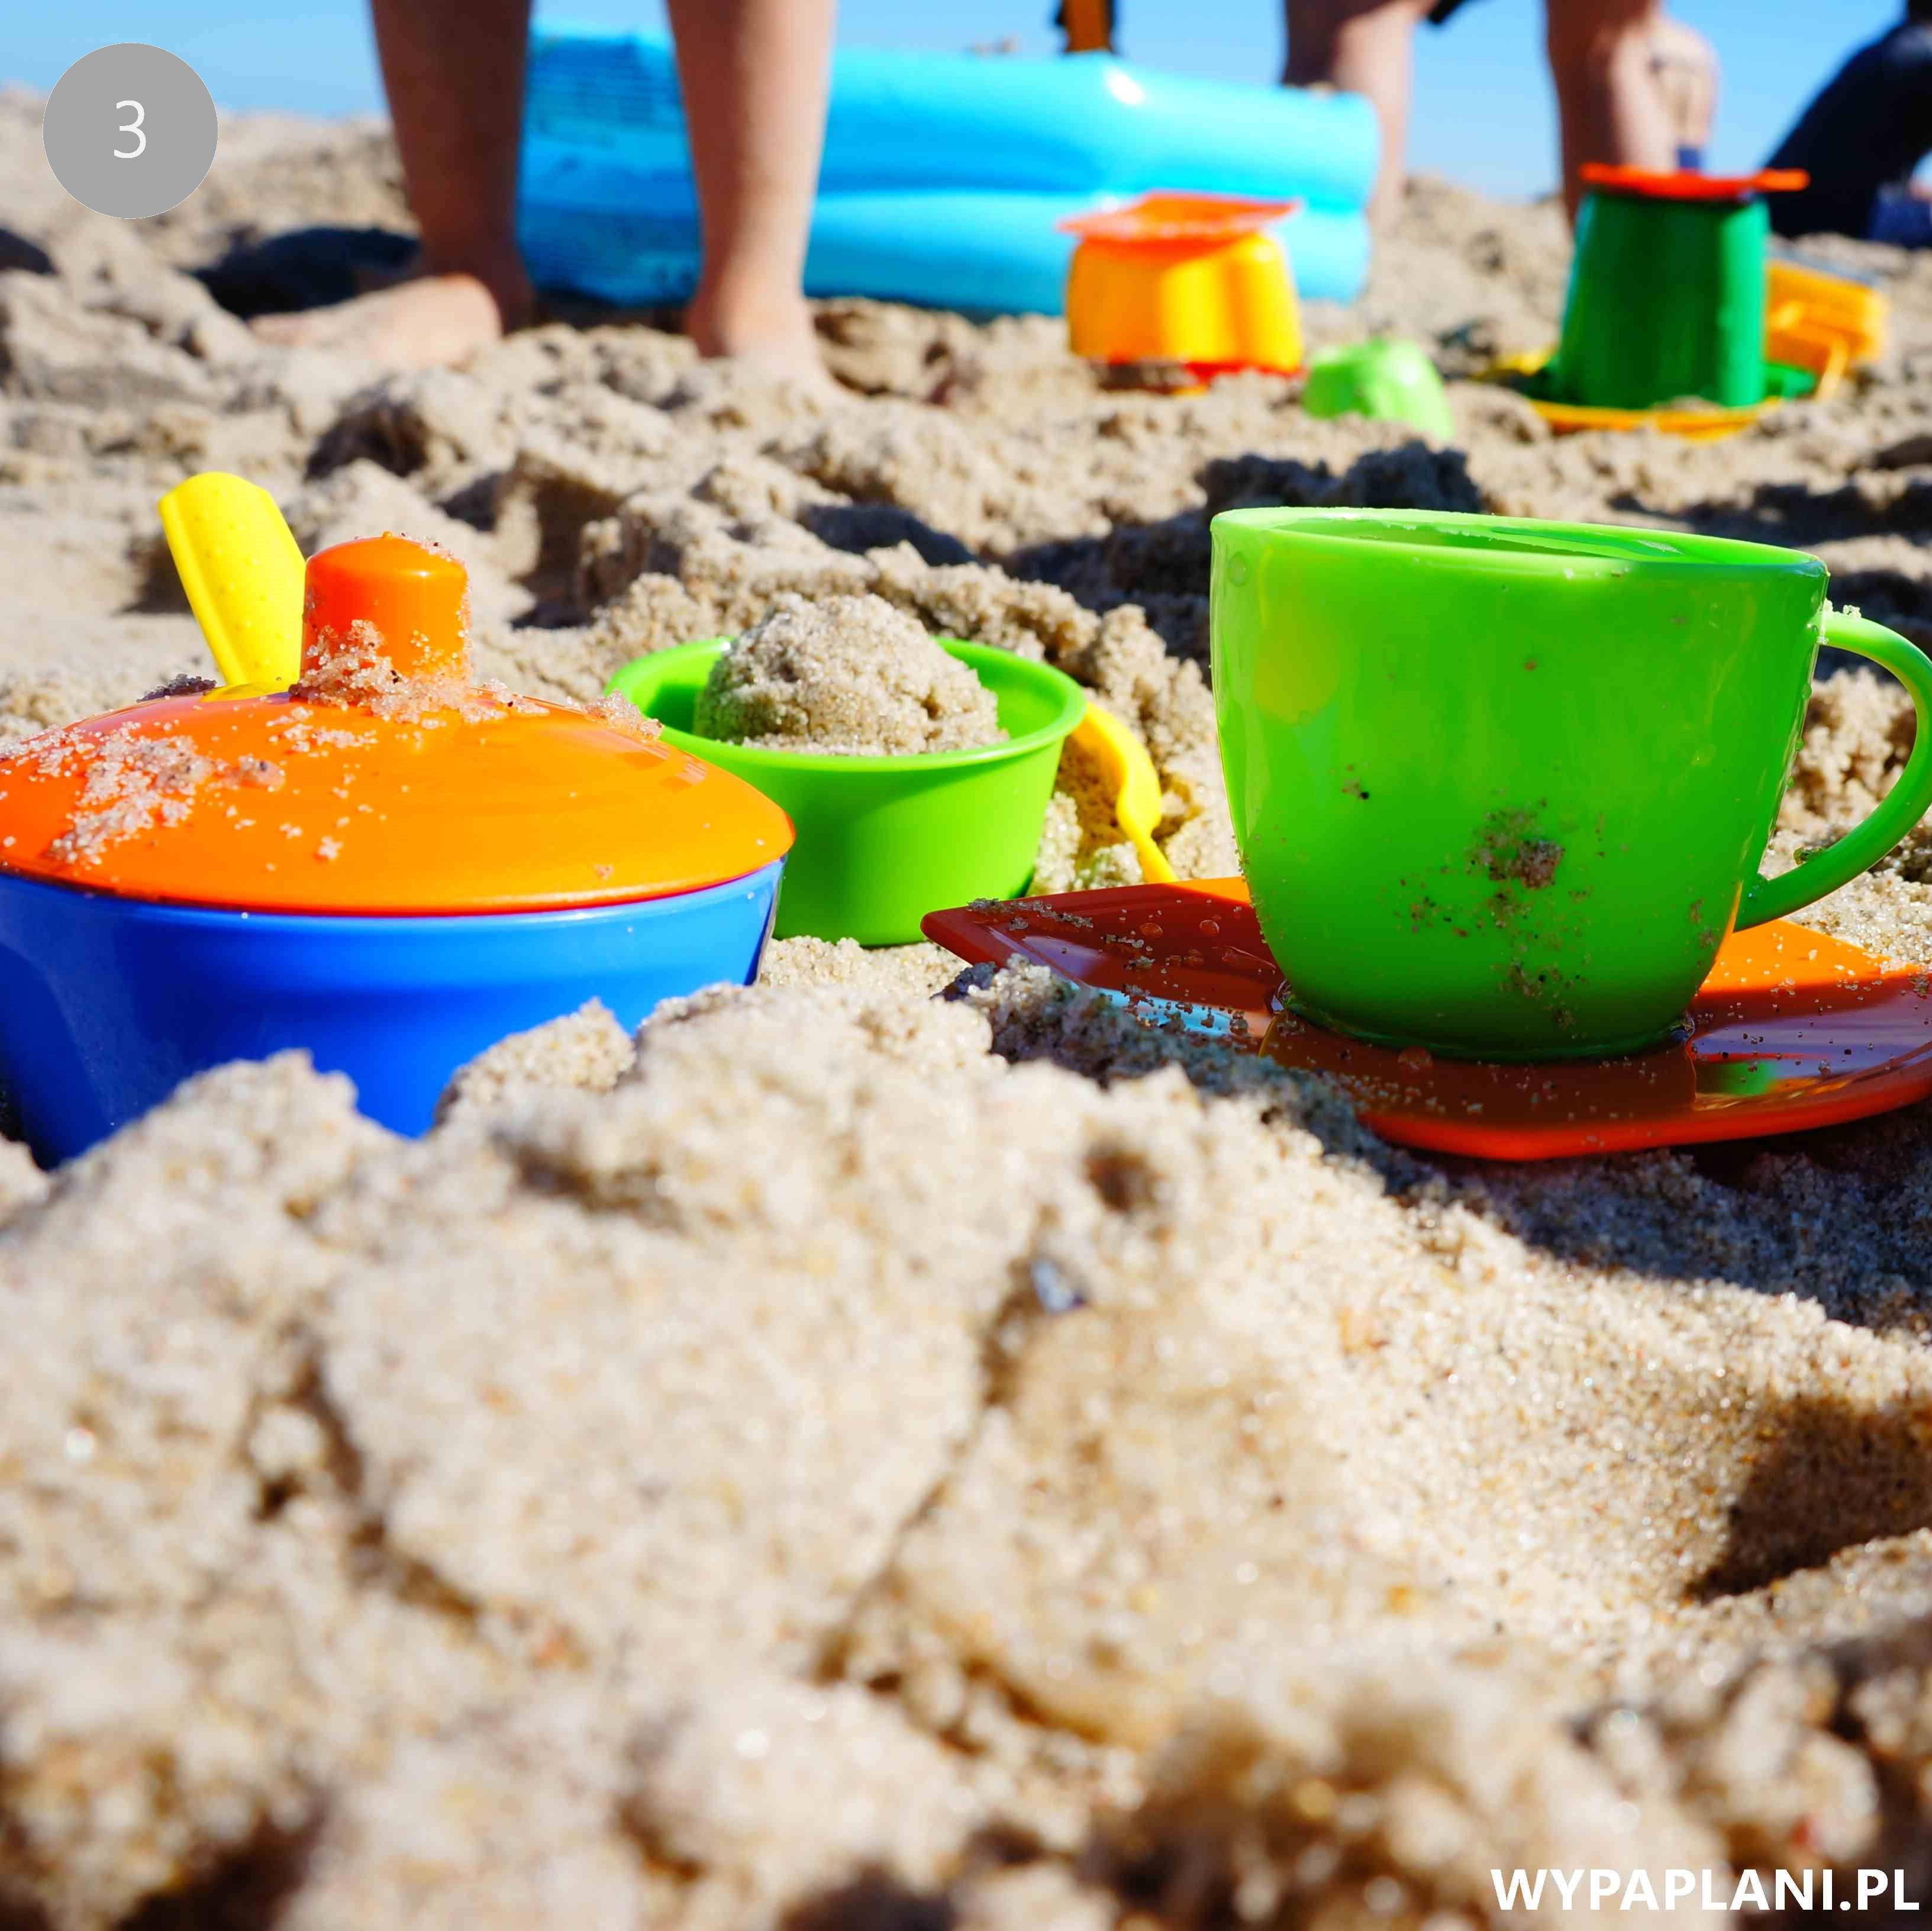 011_top zabawki do piasku piaskownicy na plażę